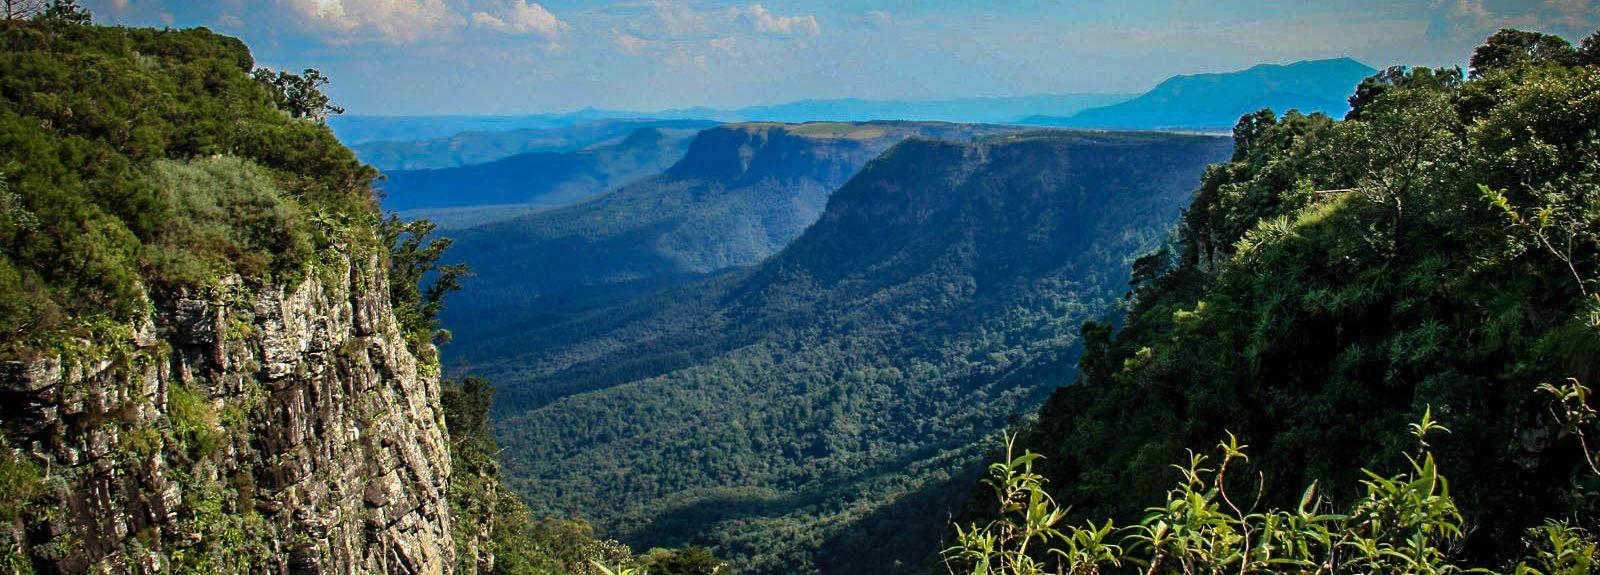 Parque Nacional Kruger, Mpumalanga, África do Sul